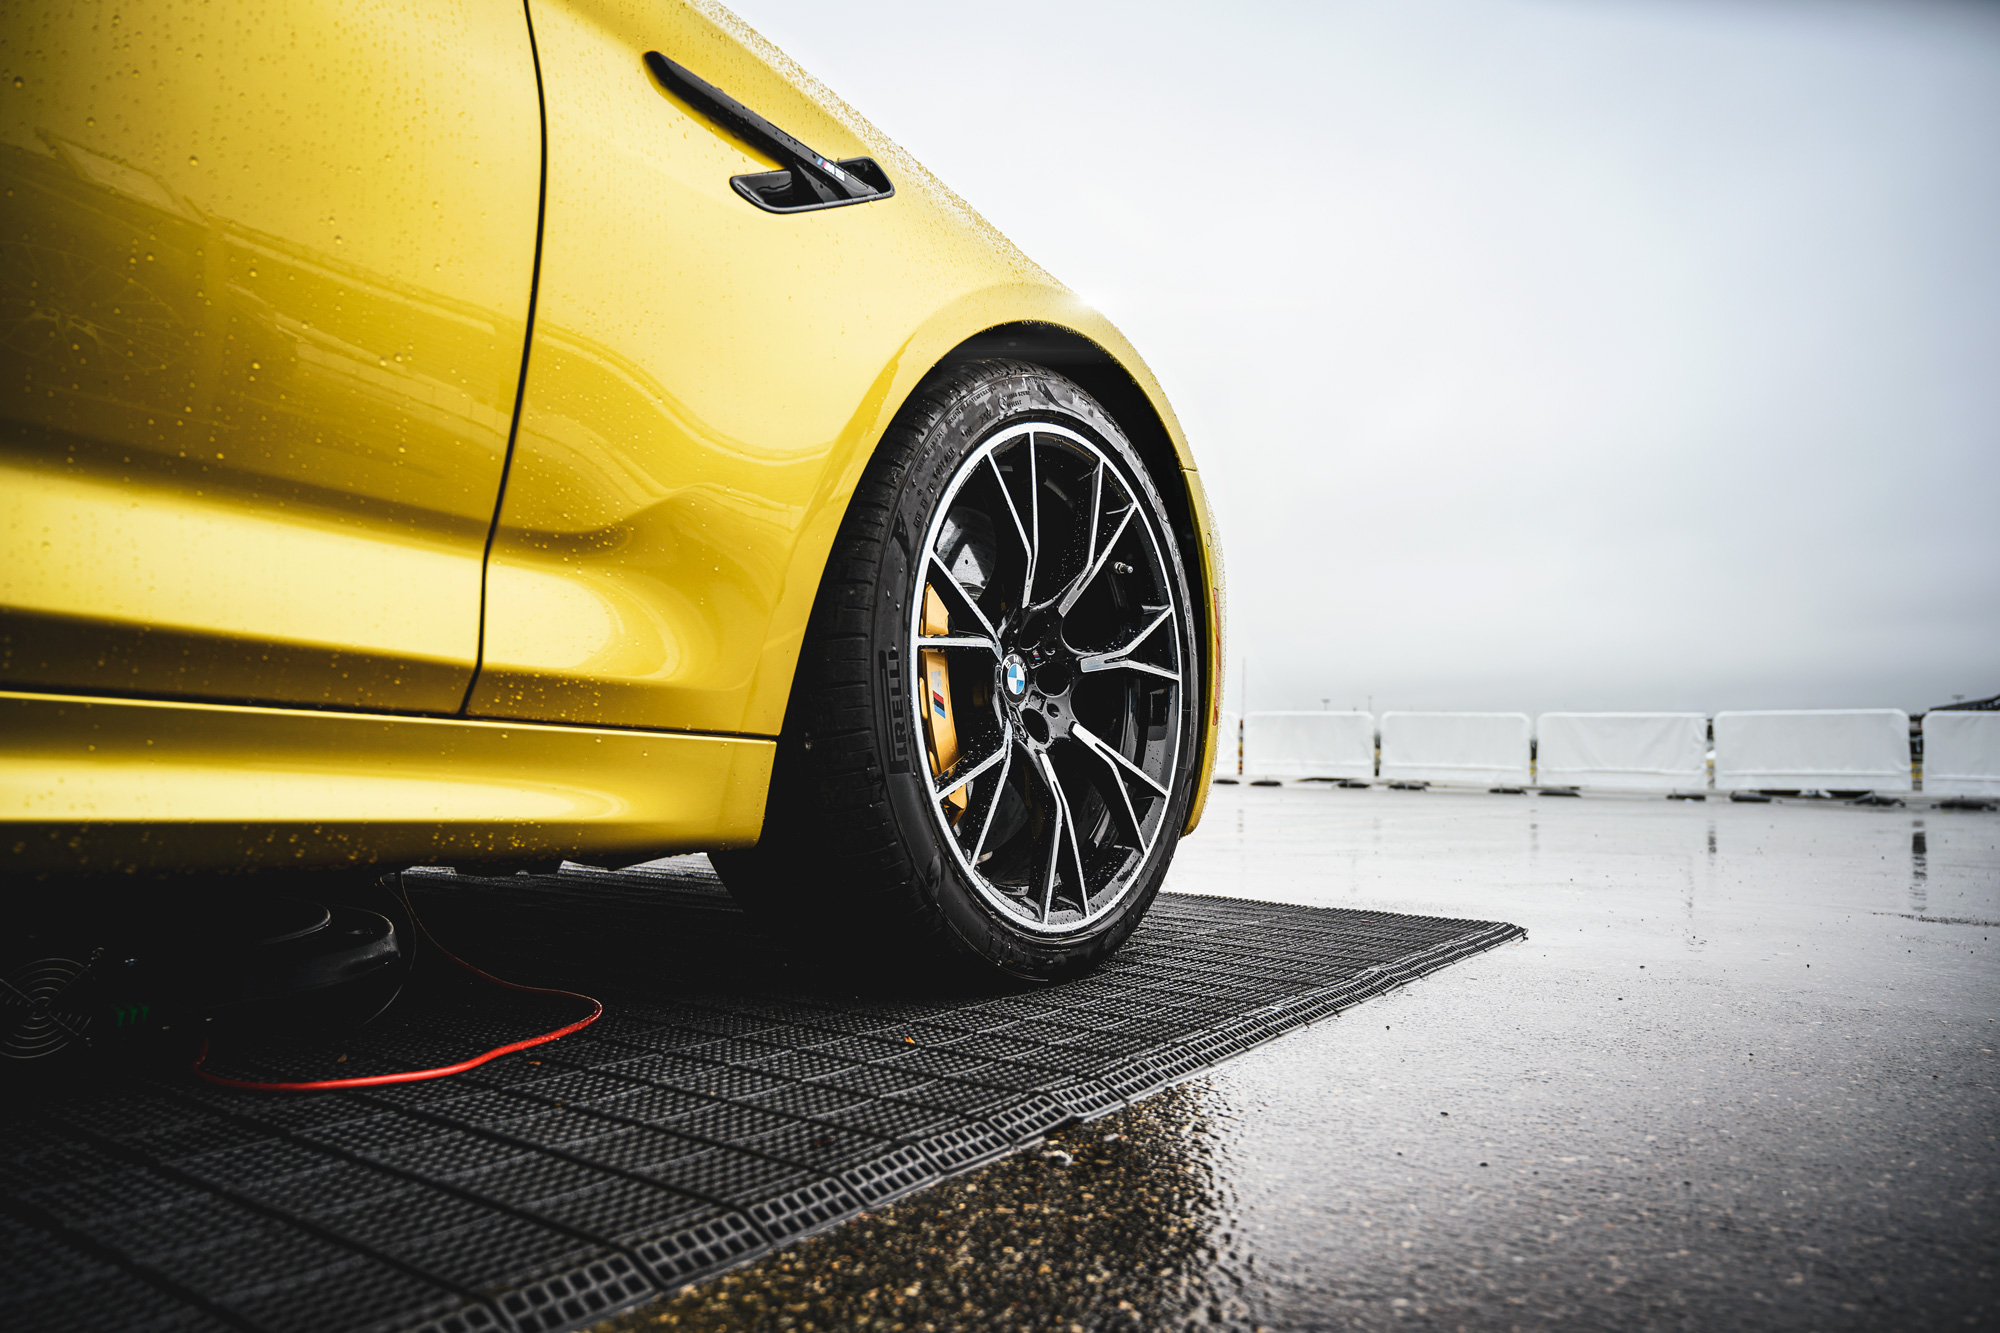 BMW F90 M5 wheel